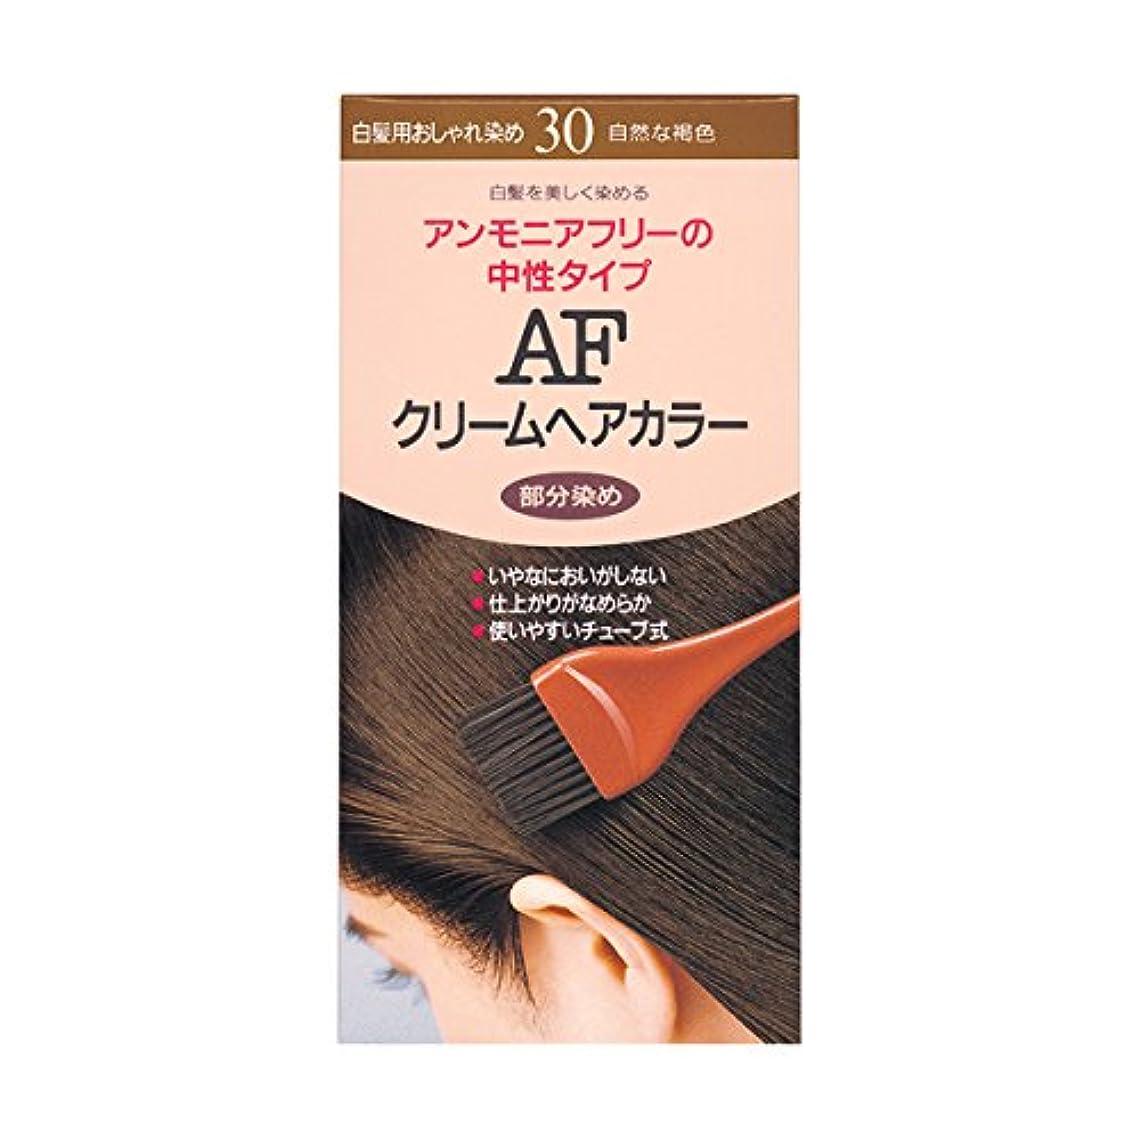 視聴者マンハッタン売上高ヘアカラー AFクリームヘアカラー 30 【医薬部外品】